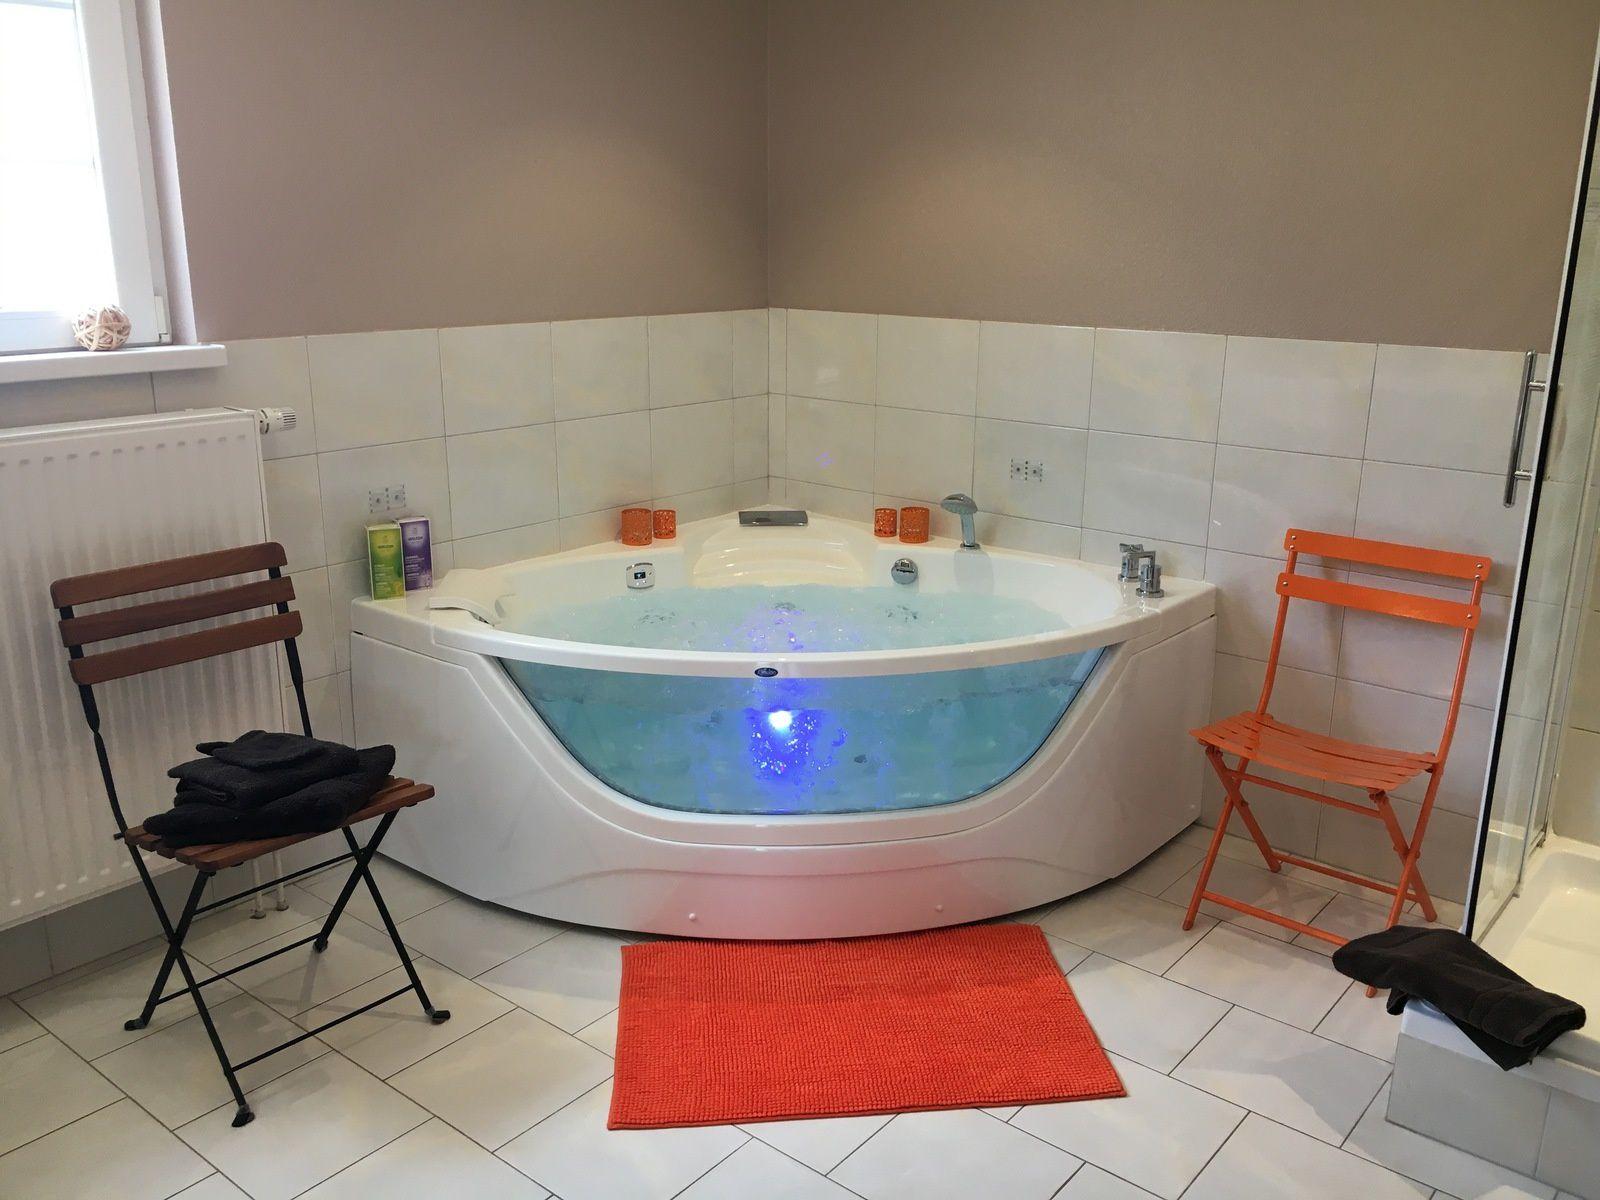 nouvelle baignoire balneo - jacuzzi....nouveauté 2017